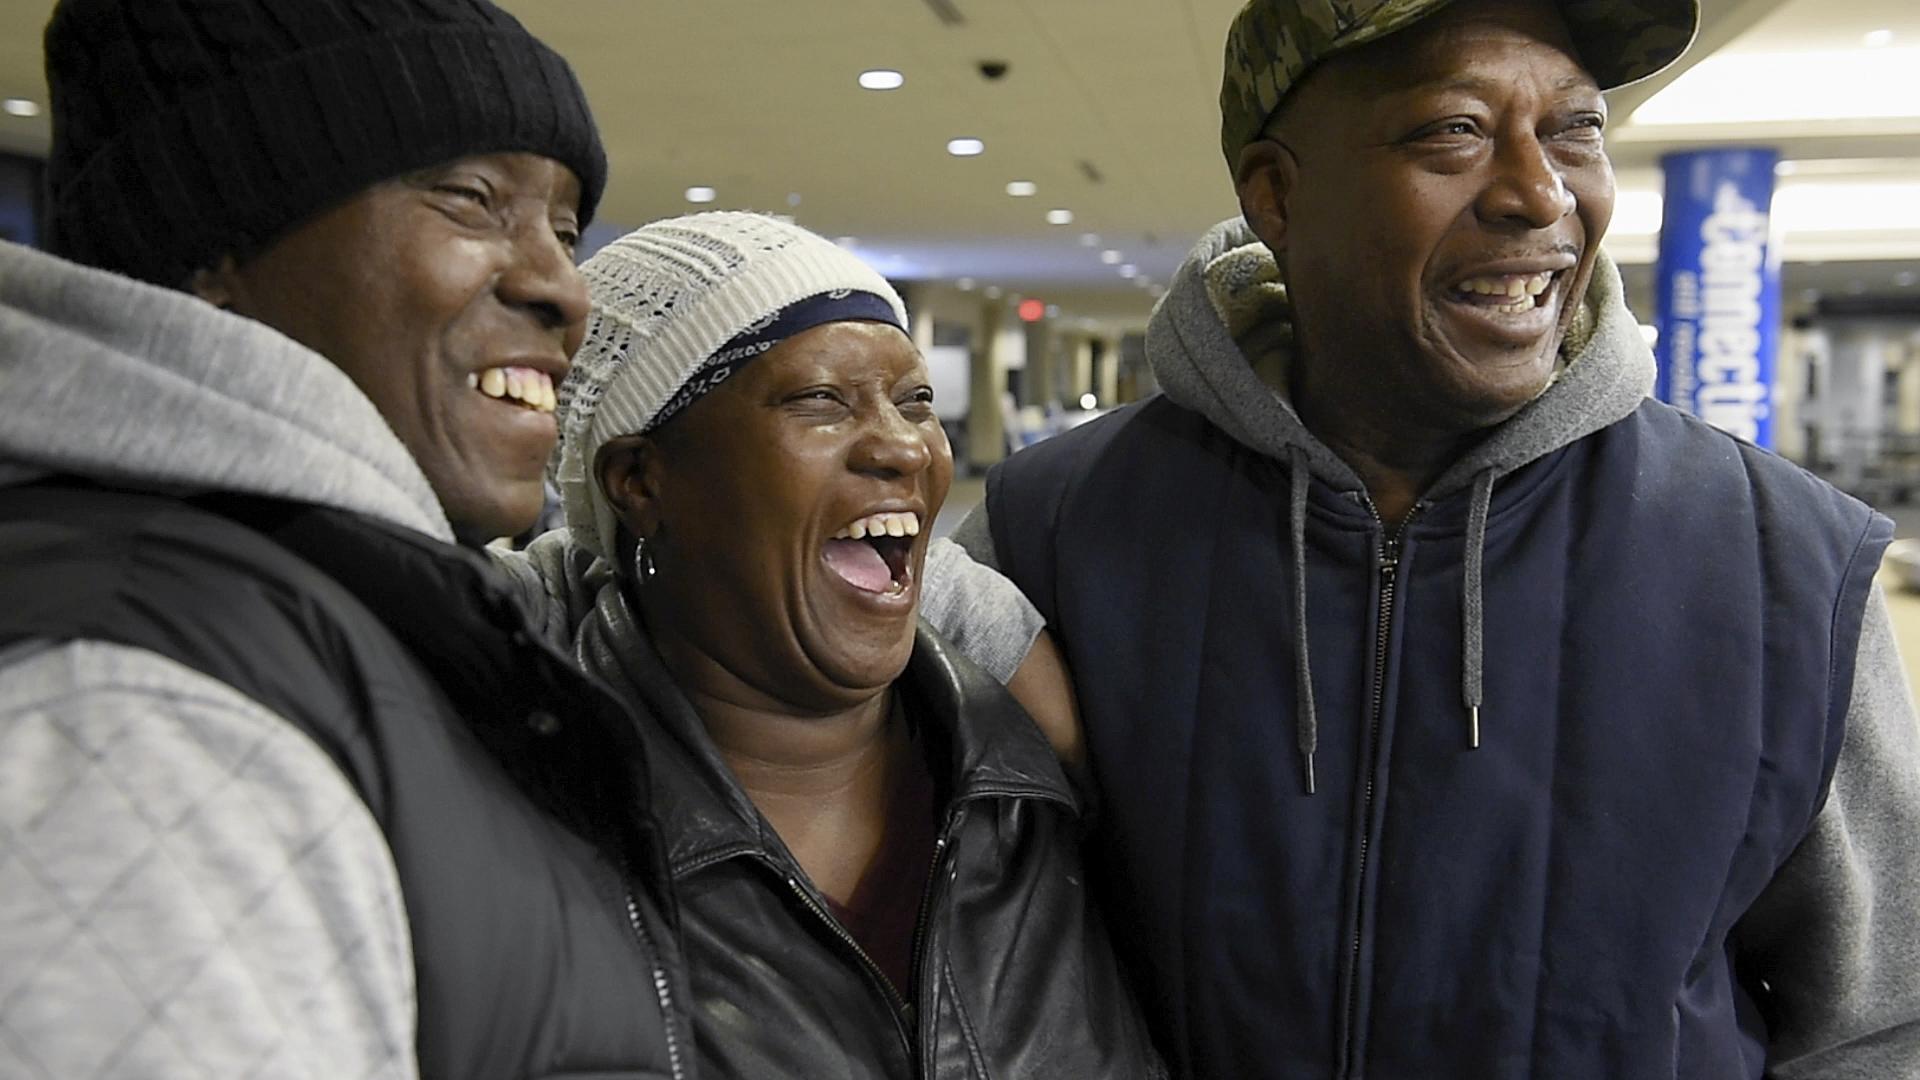 $2,500: Reunite a family -